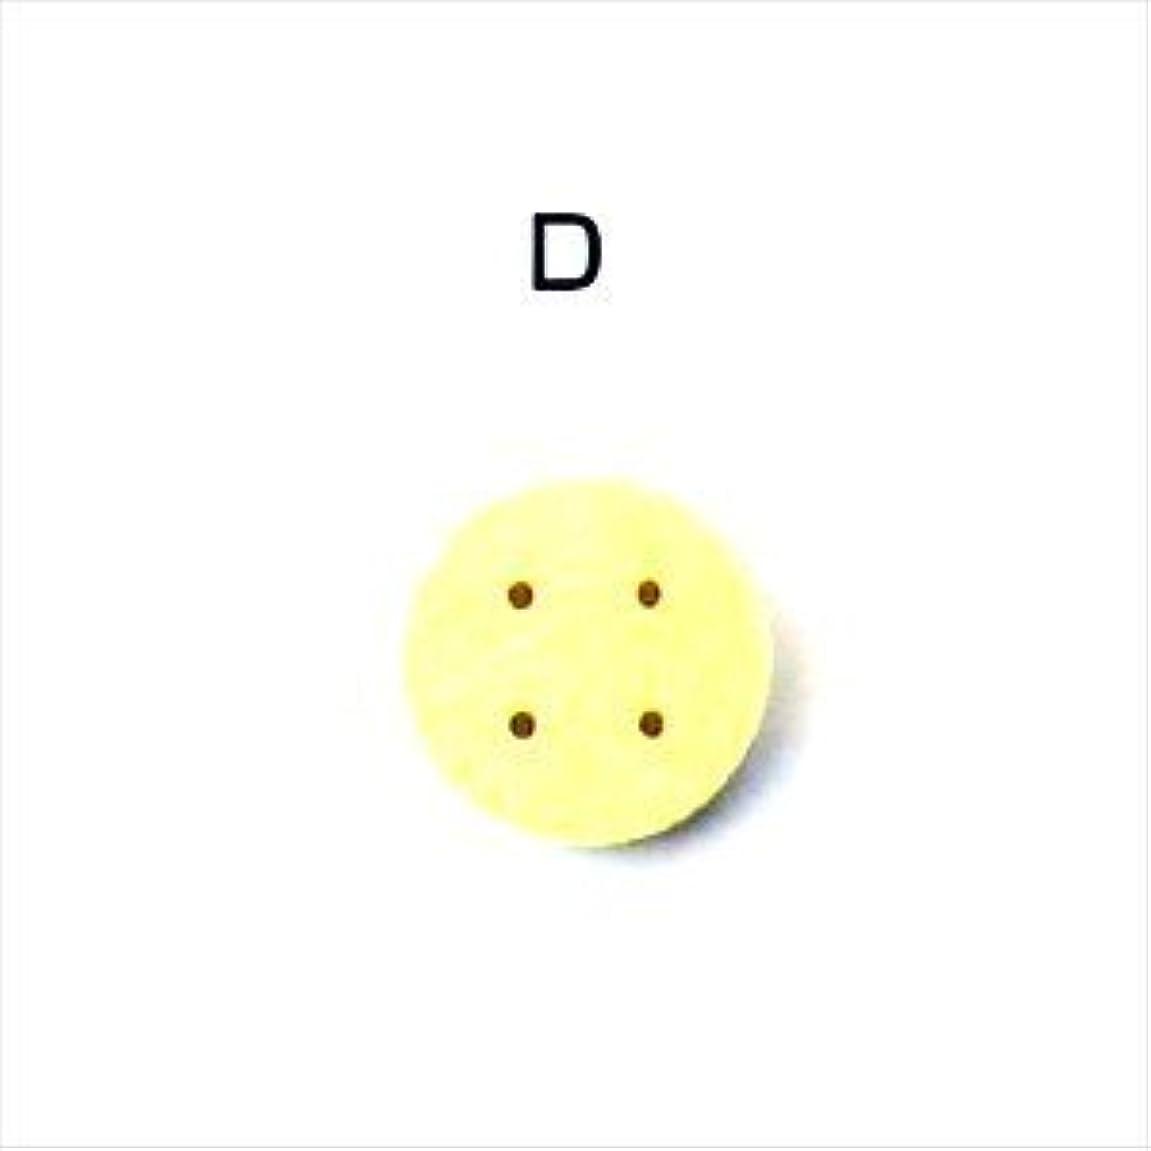 約マングル領域【メディカルブック】1.丸型 R-D スポンジ 4個入(SE-451D) - 干渉波?吸引用